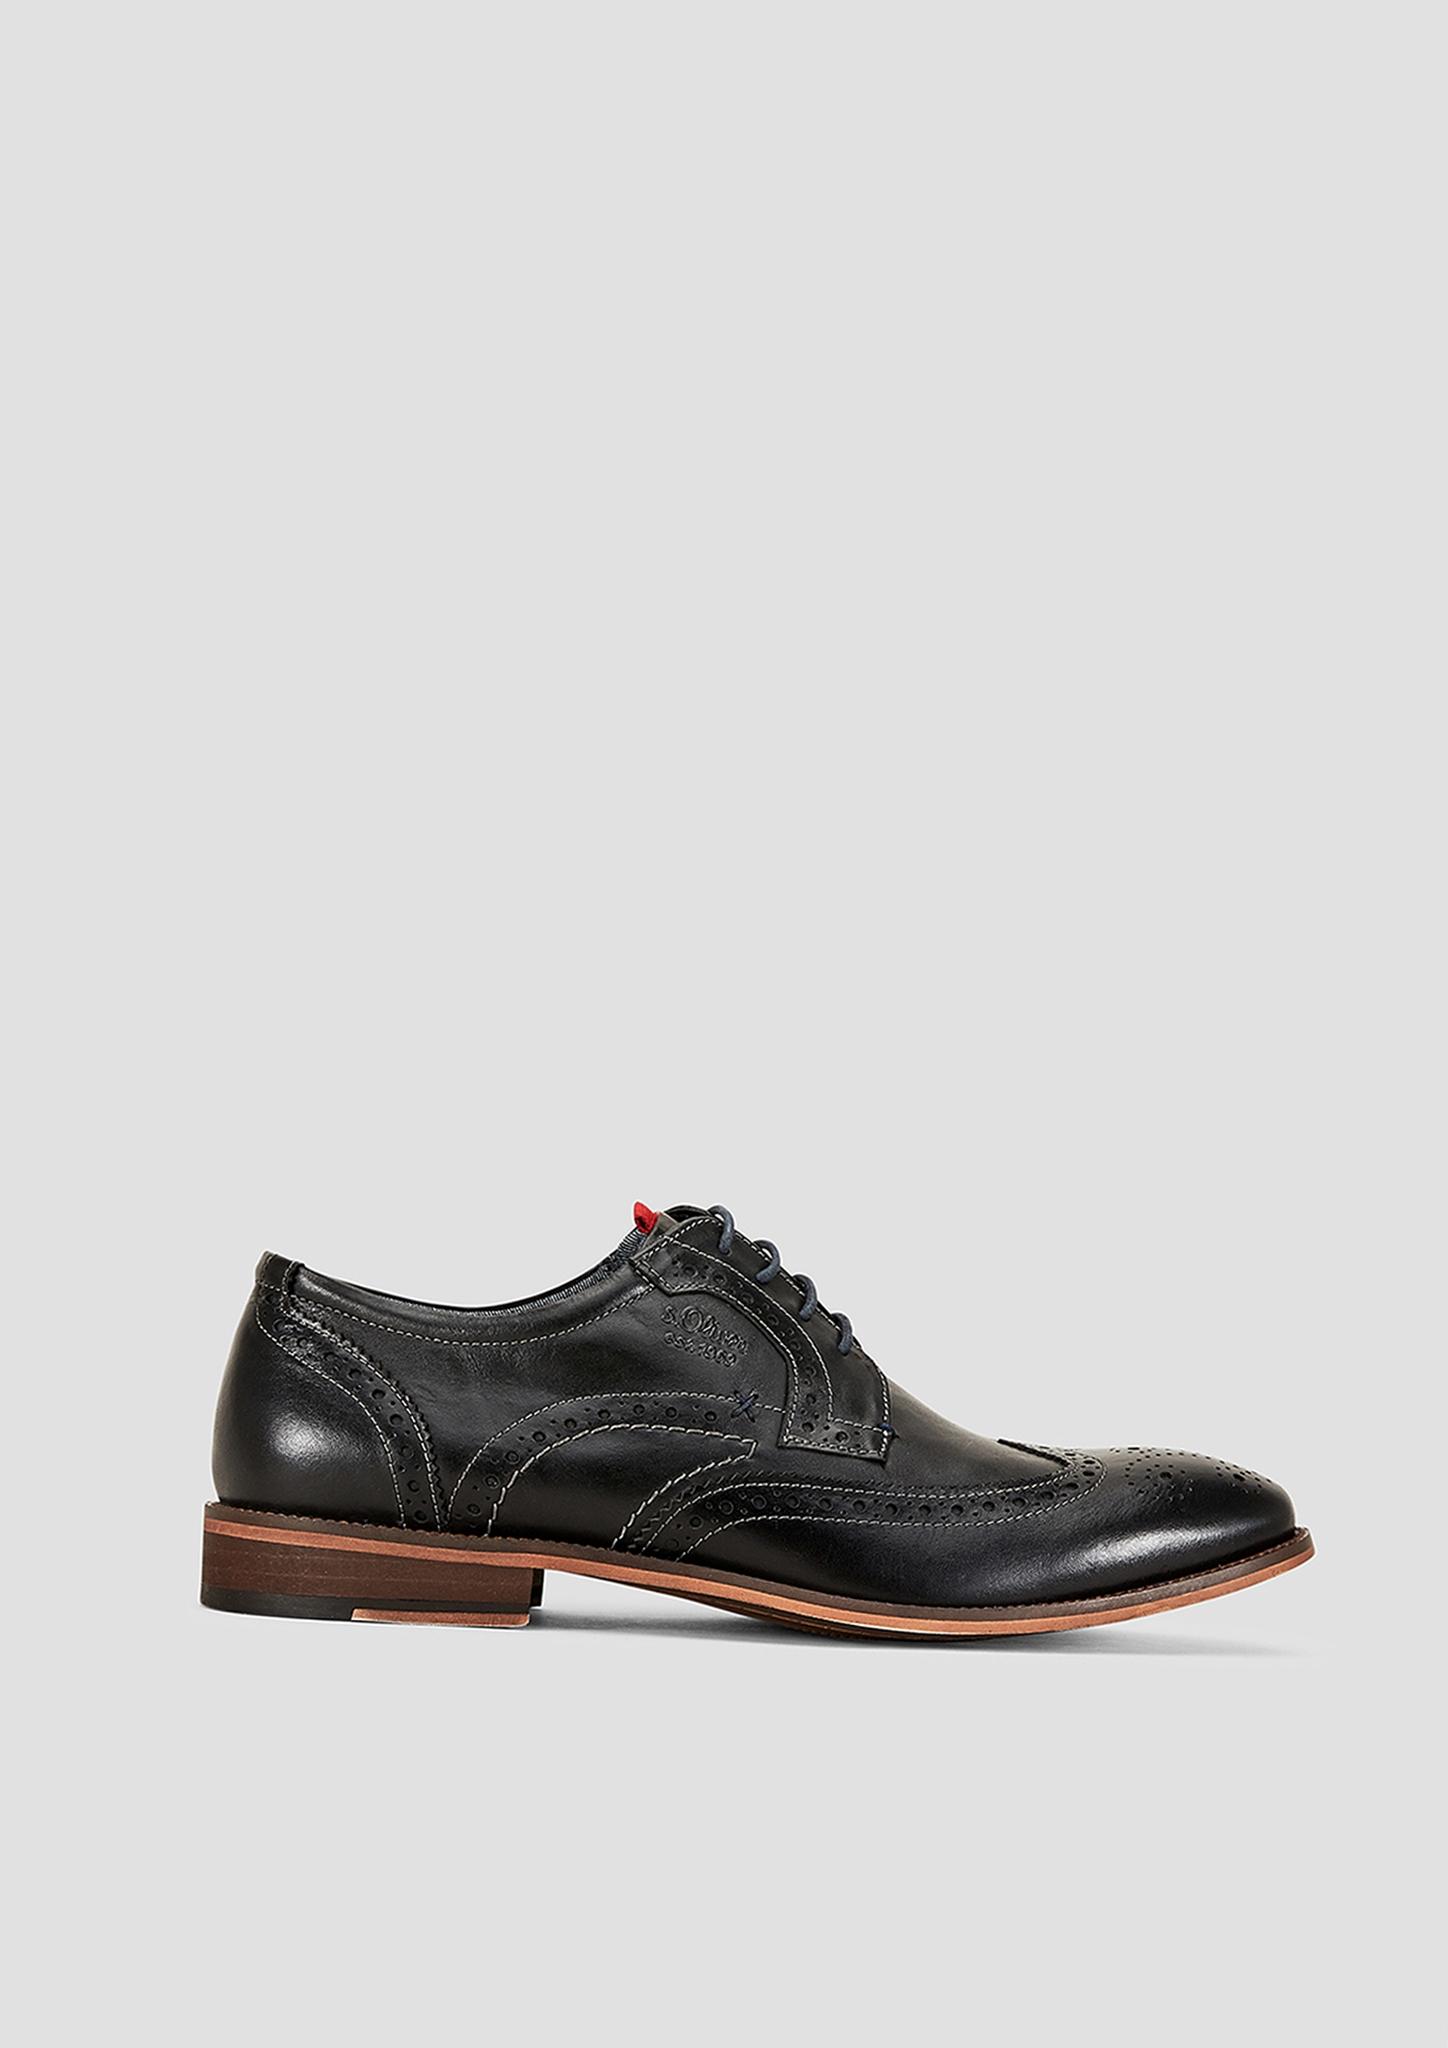 Schnürer | Schuhe | Grau/schwarz | Obermaterial aus leder| futter aus textil| decksohle aus leder und textil| laufsohle aus synthetik | s.Oliver